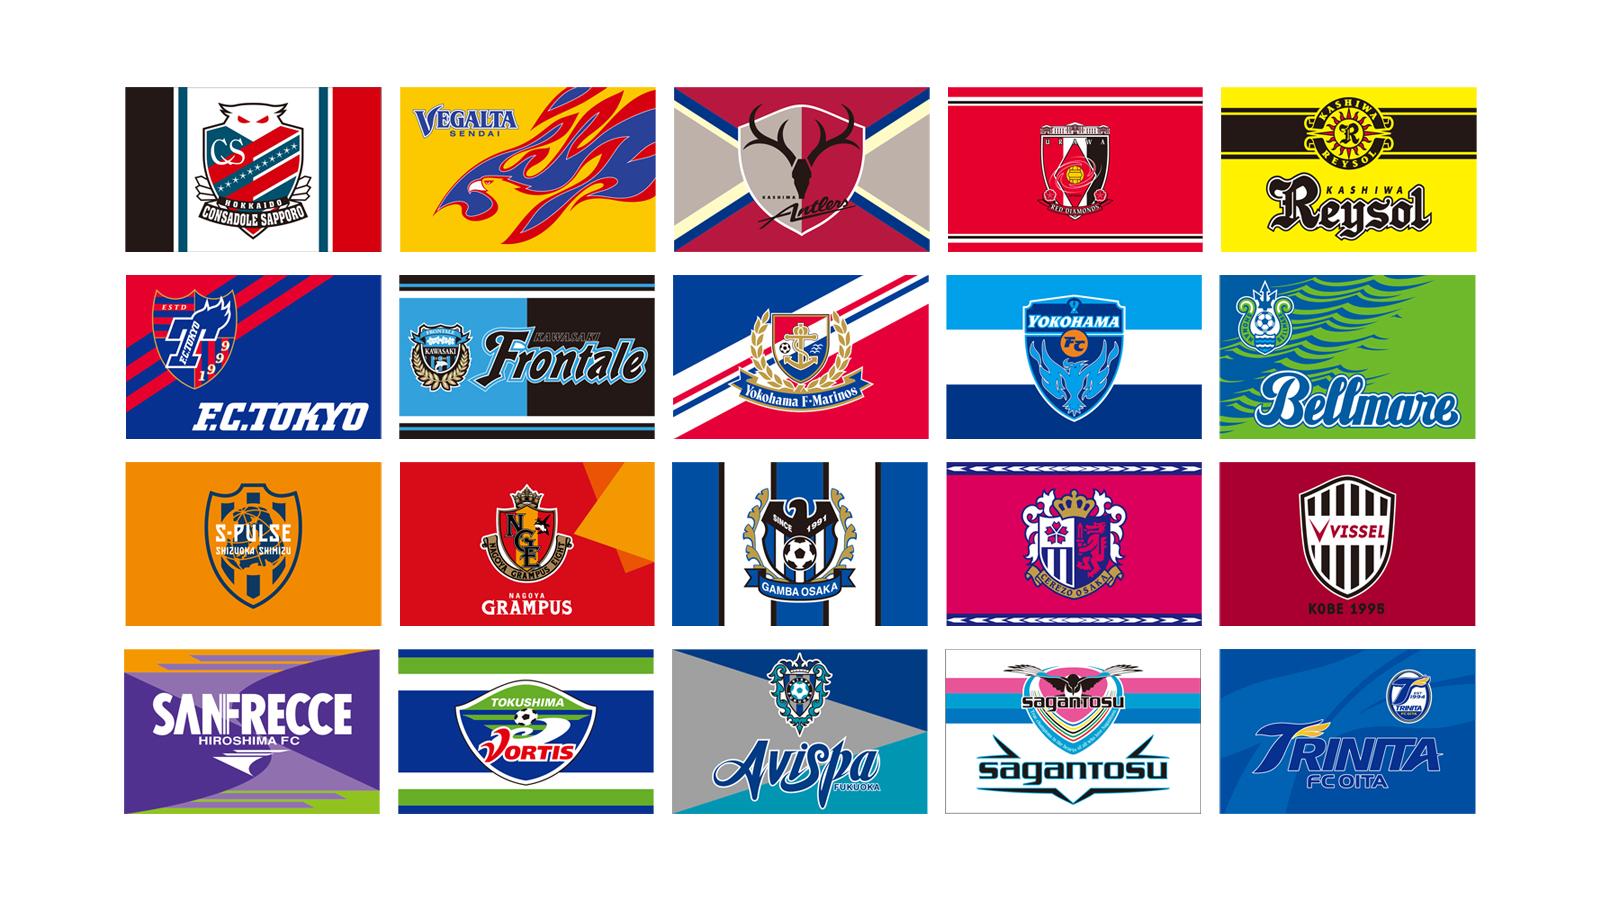 ポステコグルー監督退任の横浜FMが鳥栖を完封。2位へ浮上|サッカー